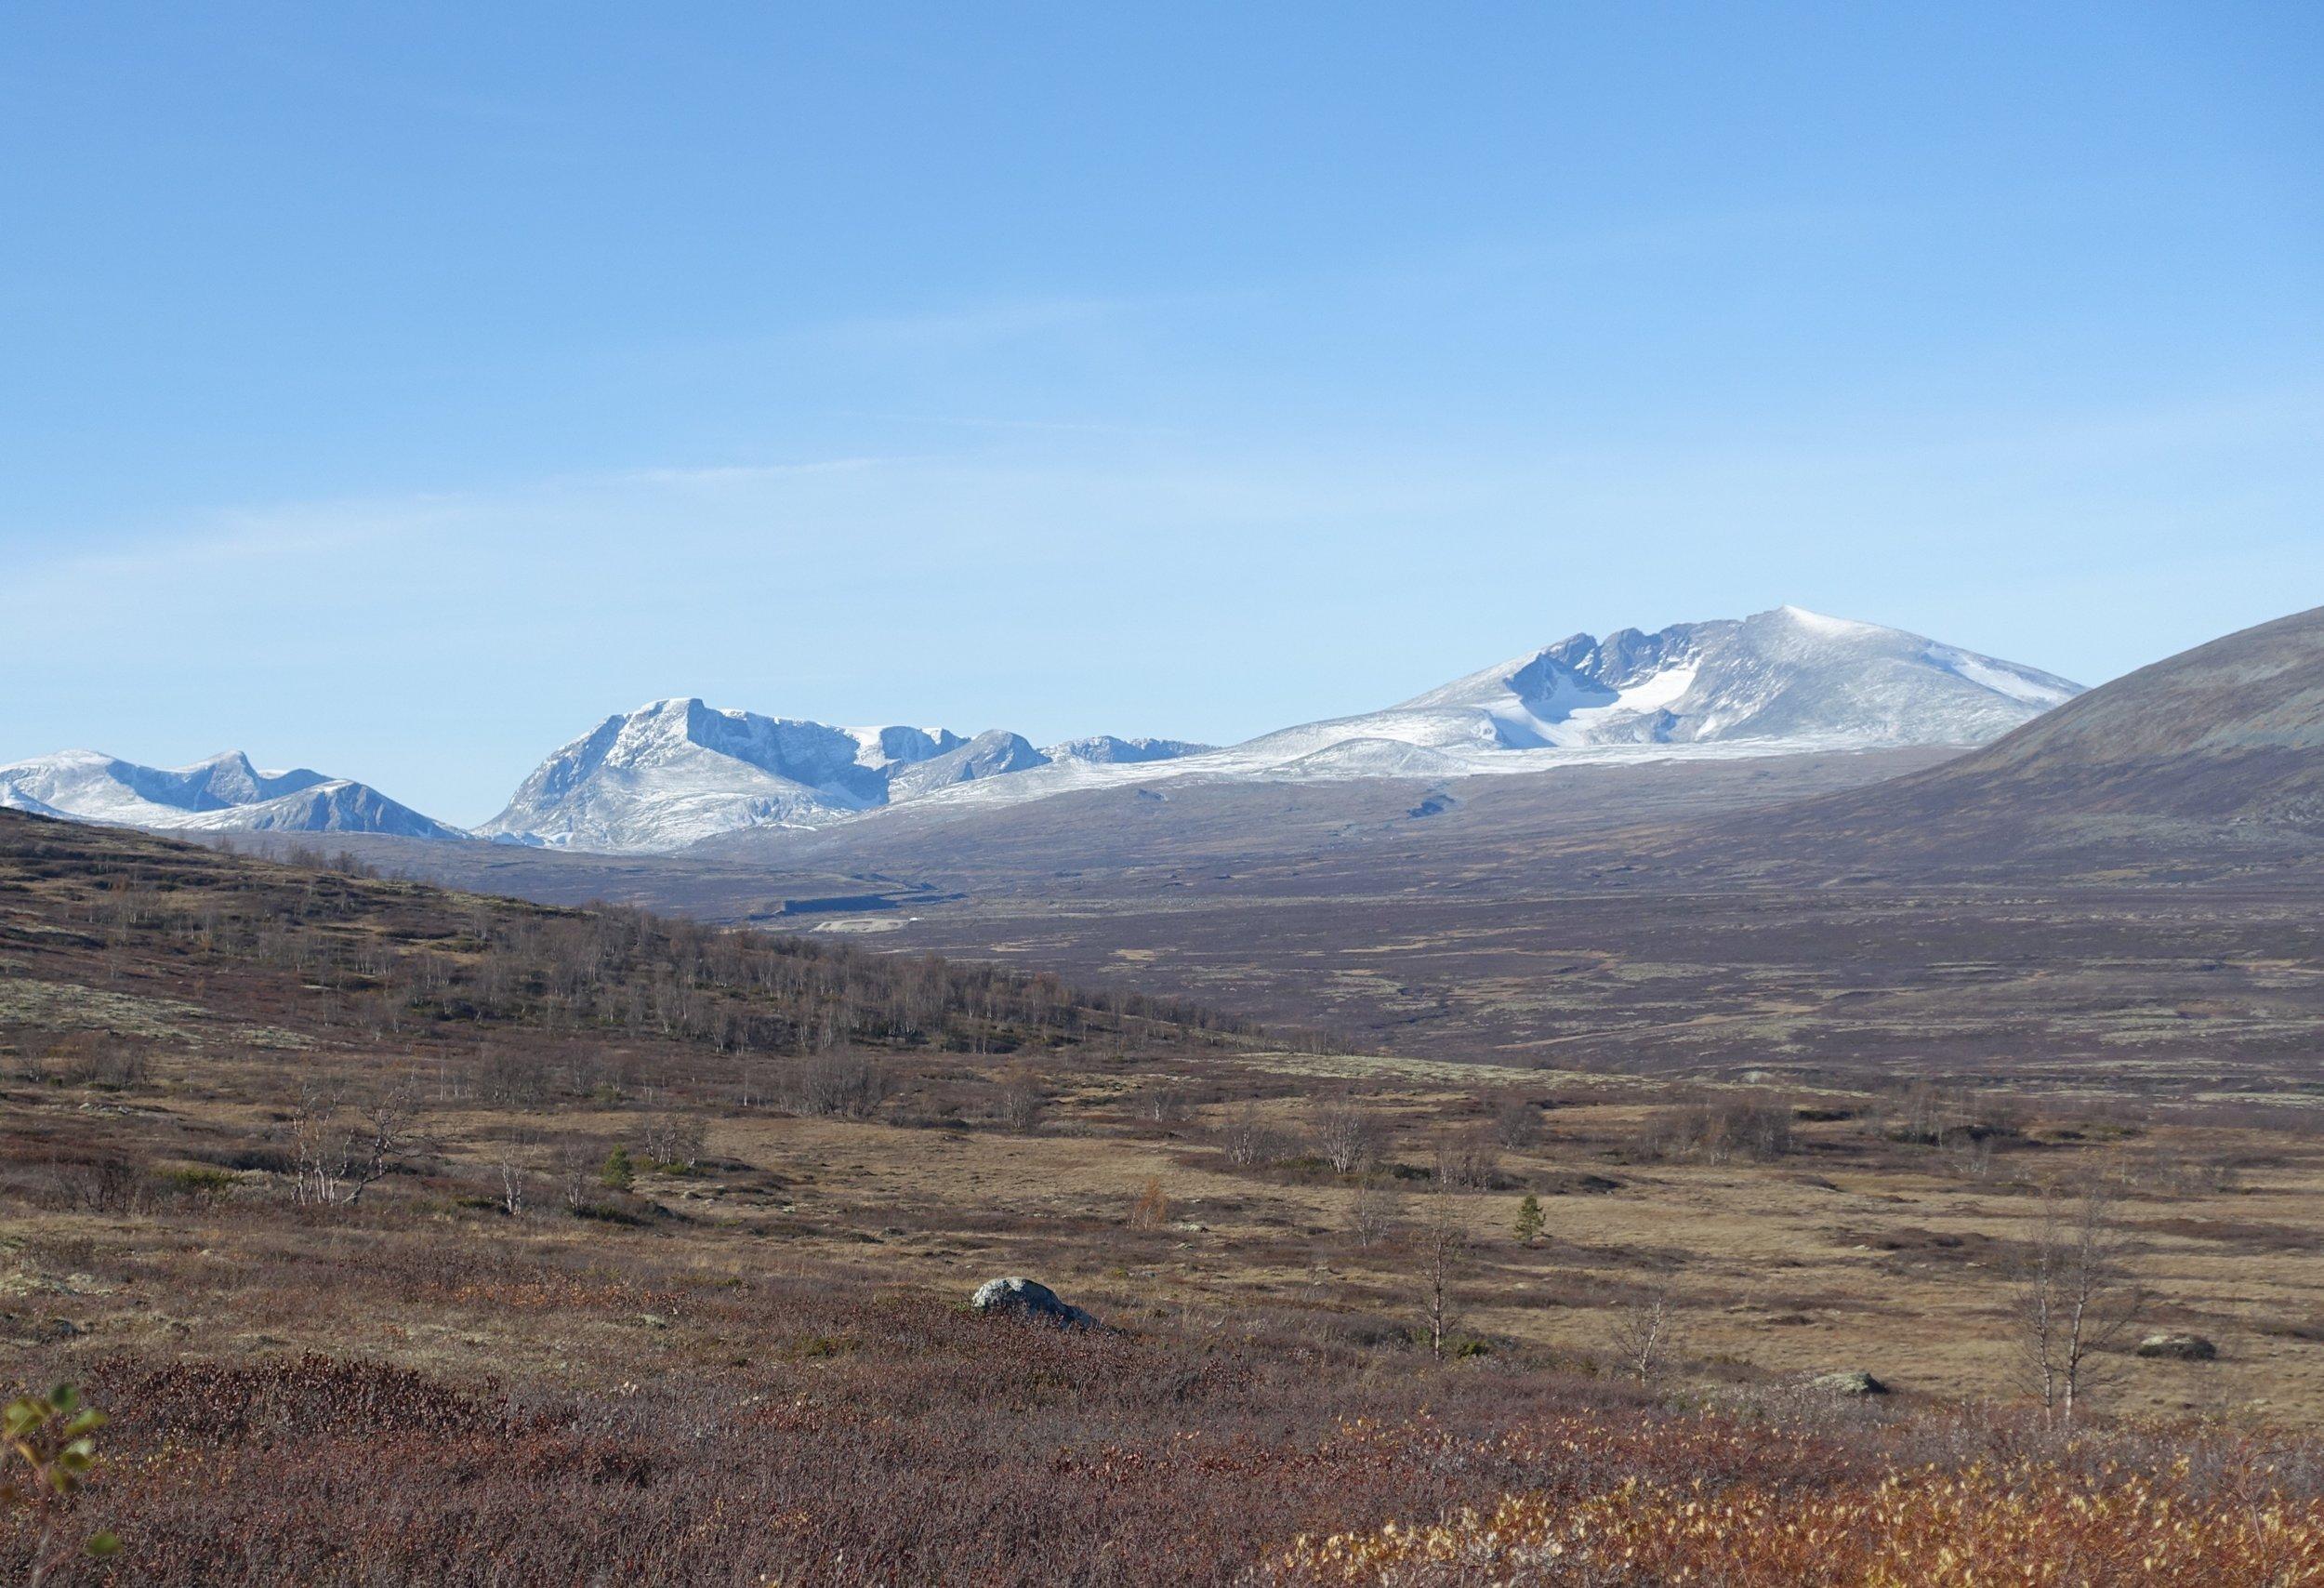 Utsikt til Snøhetta fra kongevegen over Hjerkinnhø. Foto: Izabela Chlewicka